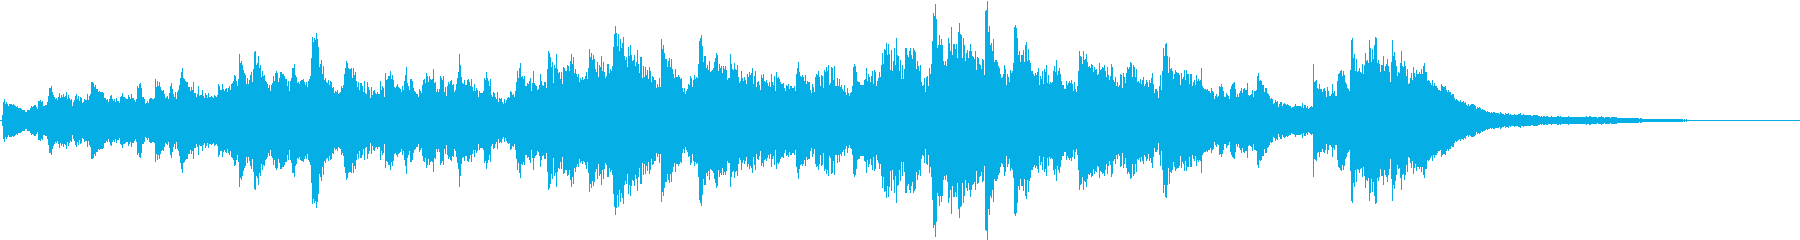 流れる様なピアノ曲の再生済みの波形